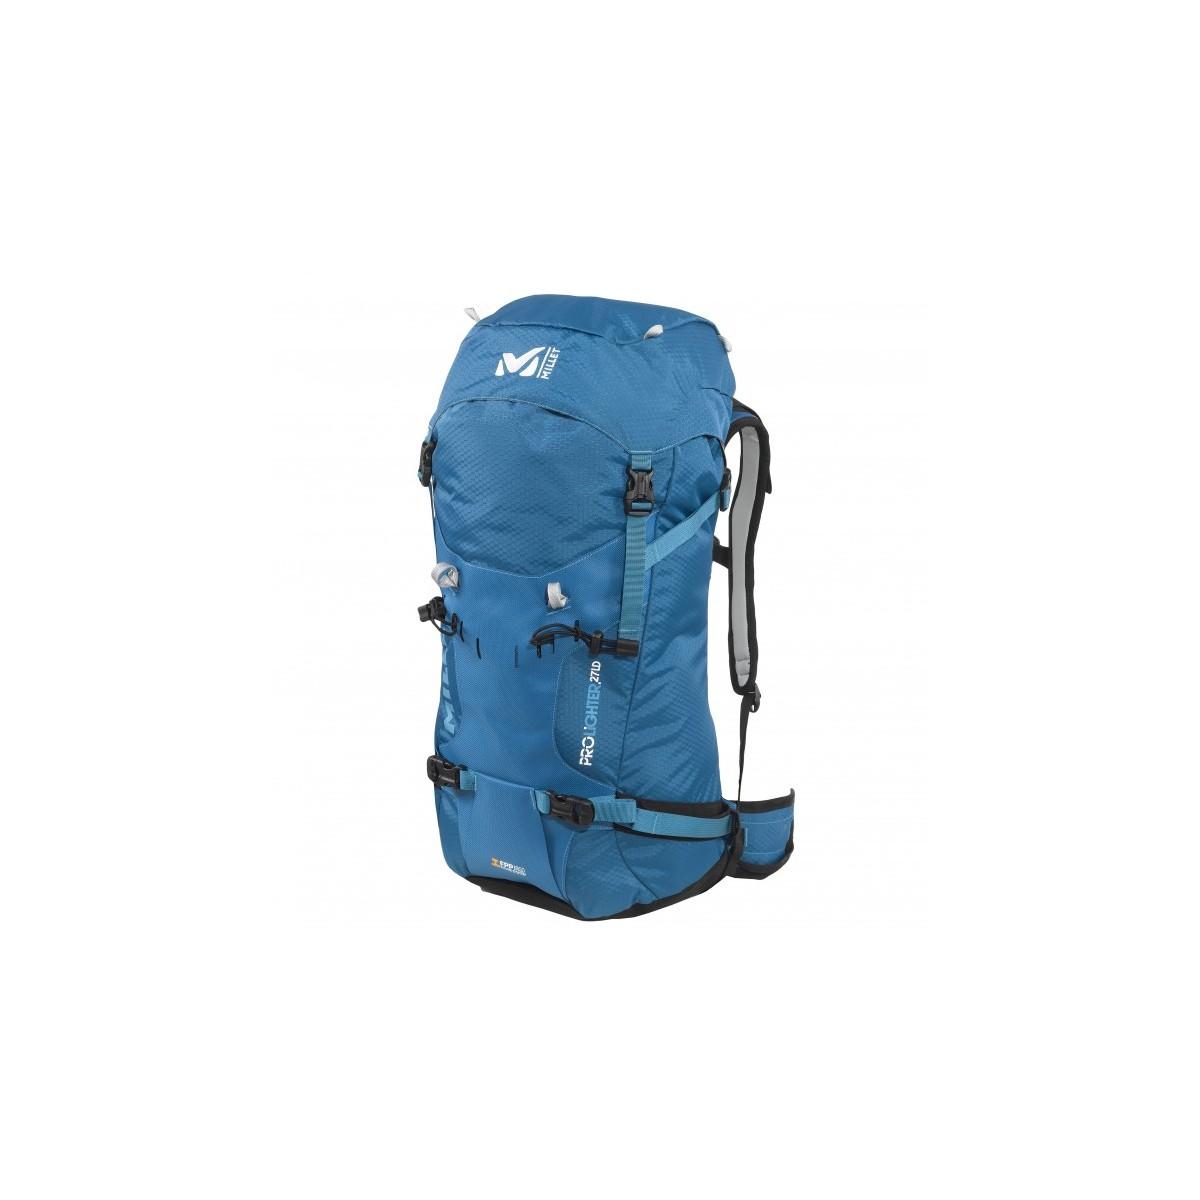 sac dos d 39 alpinisme femme millet prolighter. Black Bedroom Furniture Sets. Home Design Ideas